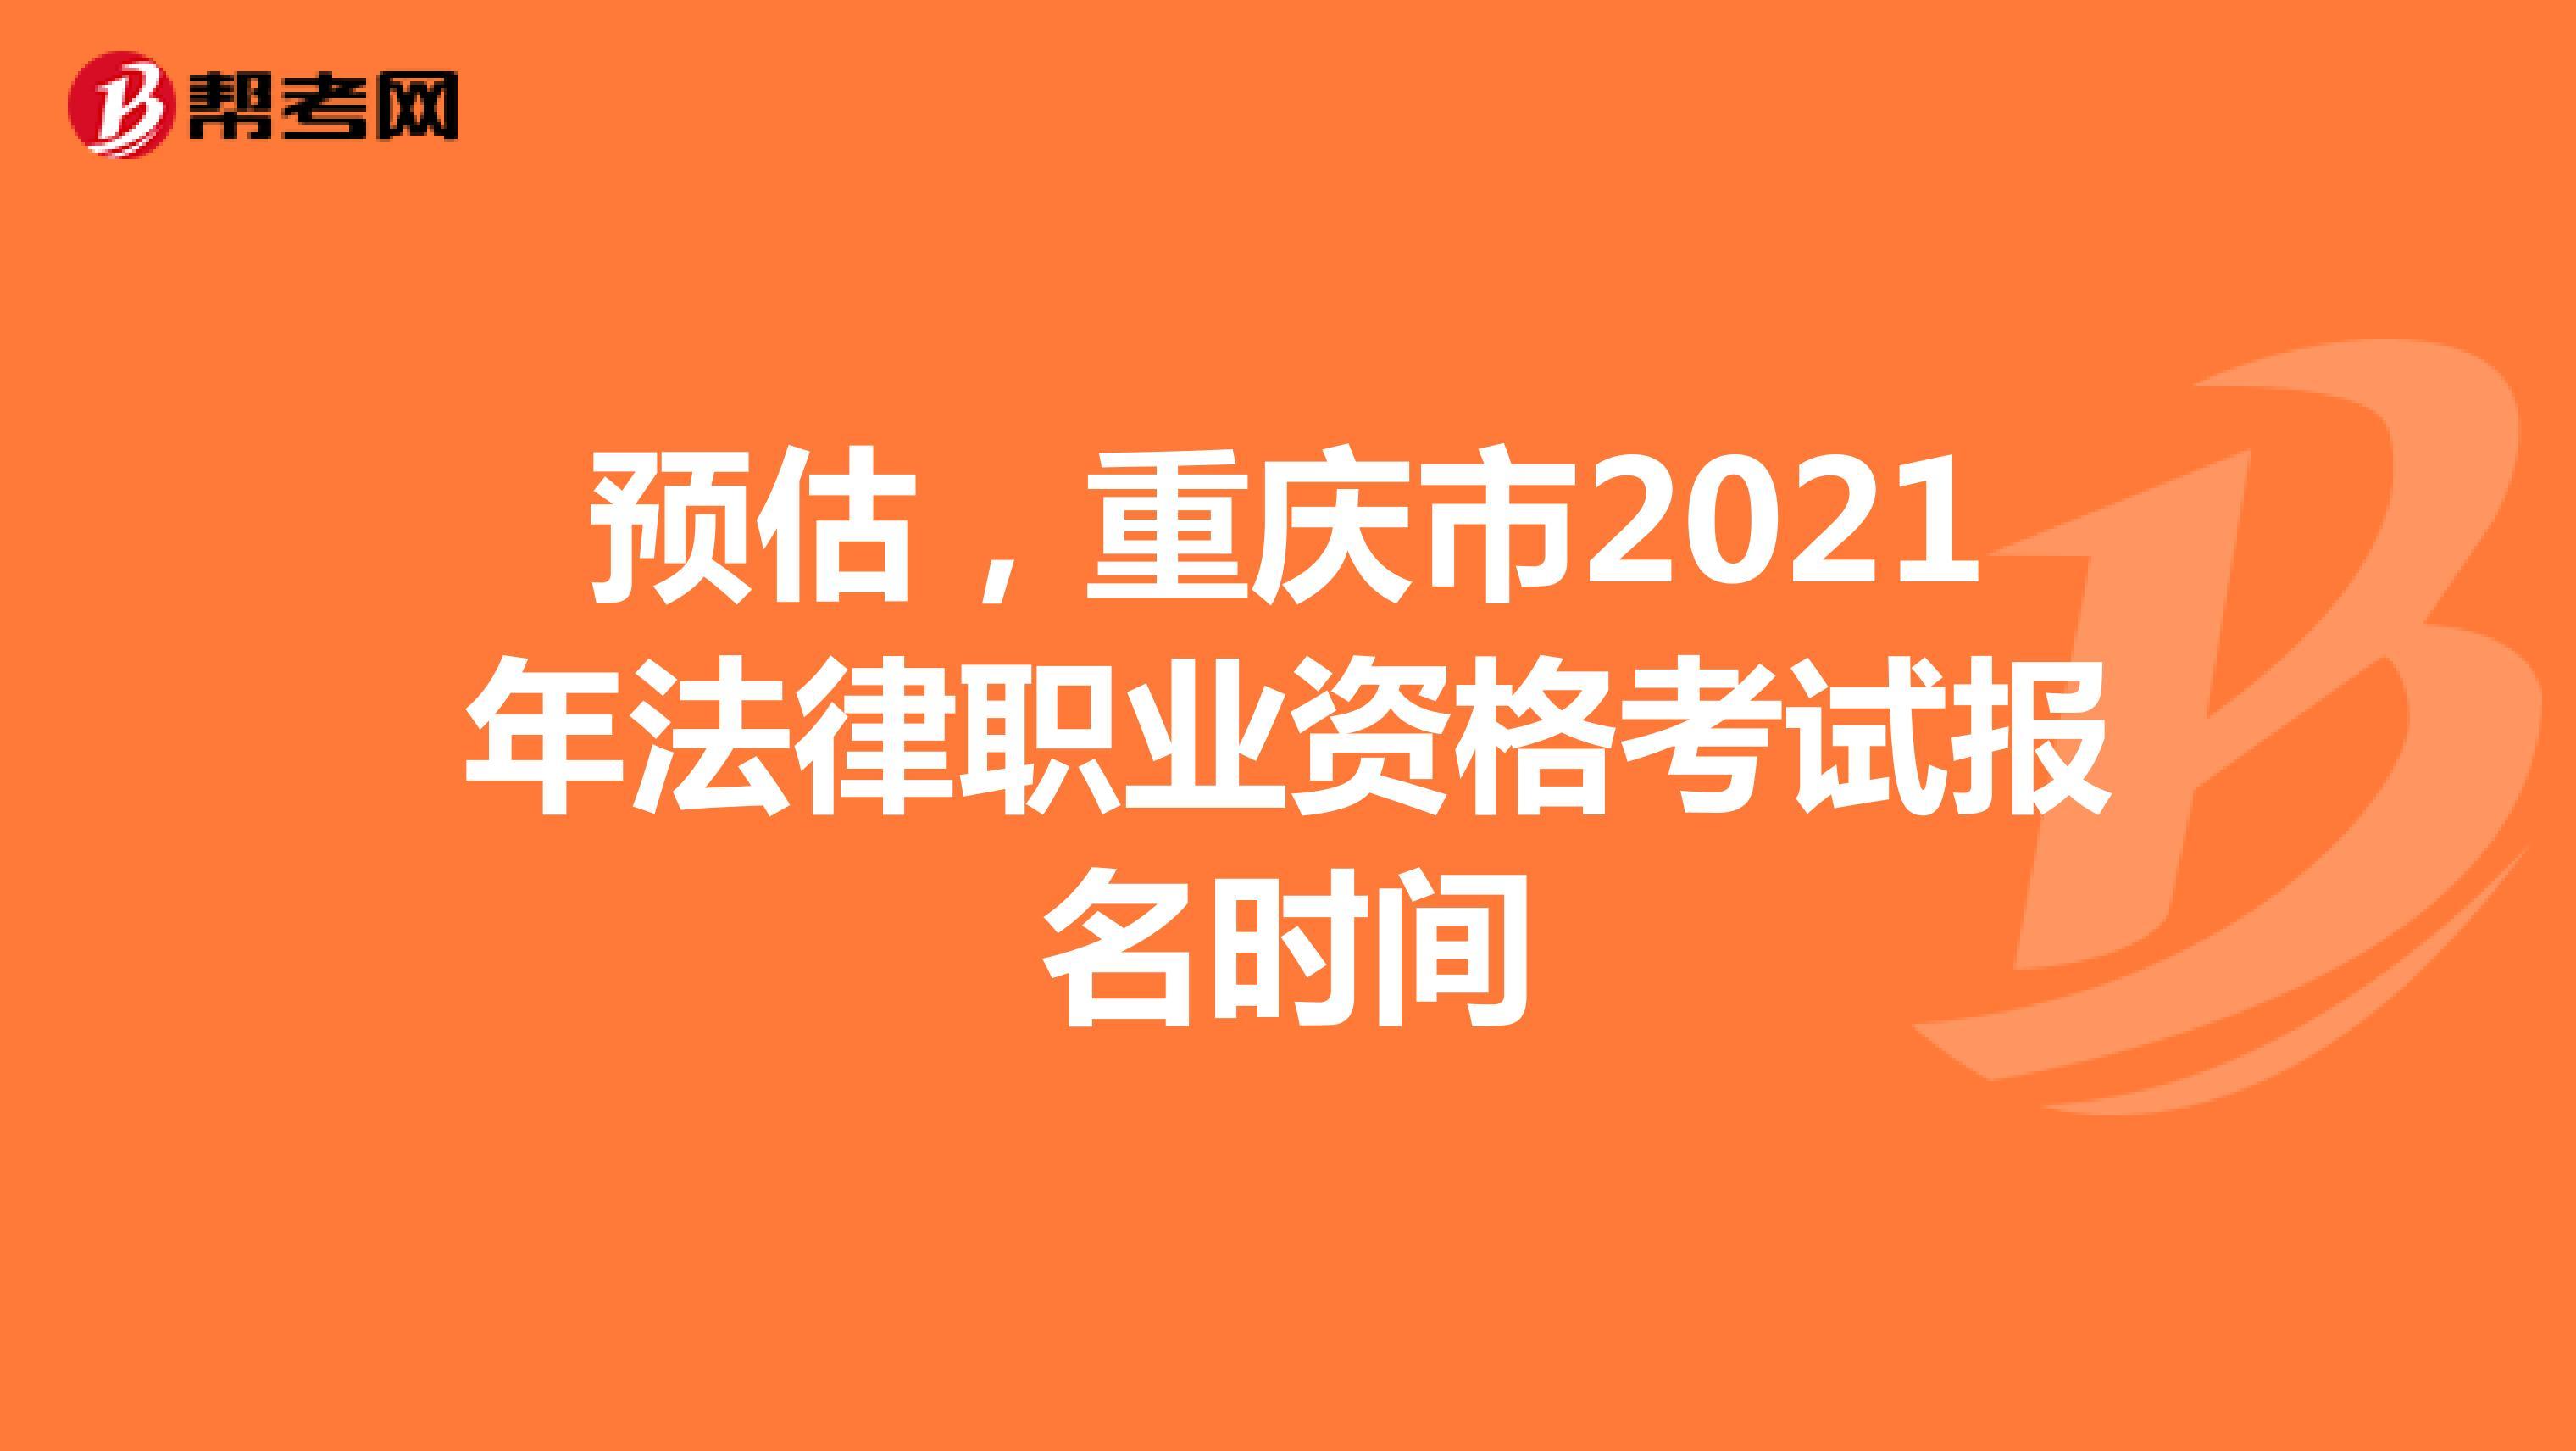 预估,重庆市2021年法律职业资格考试报名时间